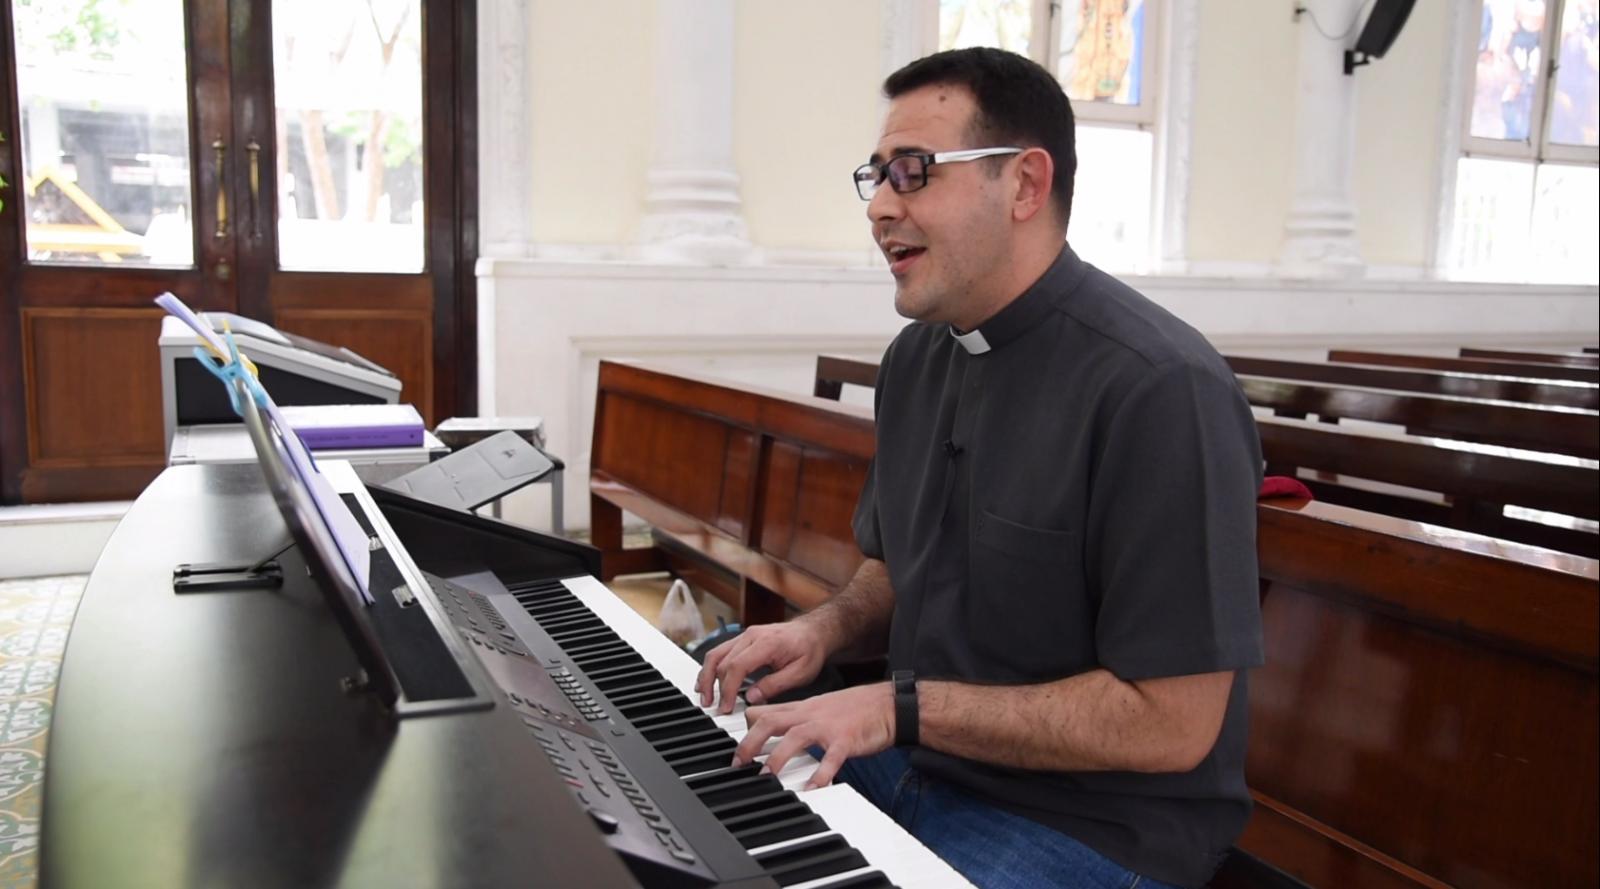 """บาทหลวงมิชชันนารีชาวโคลอมเบีย แปลเพลงรับเสด็จ """"โป๊ปฟรังซิส"""" ทางการ สู่ภาษาที่พระสันตะปาปาเข้าใจ"""